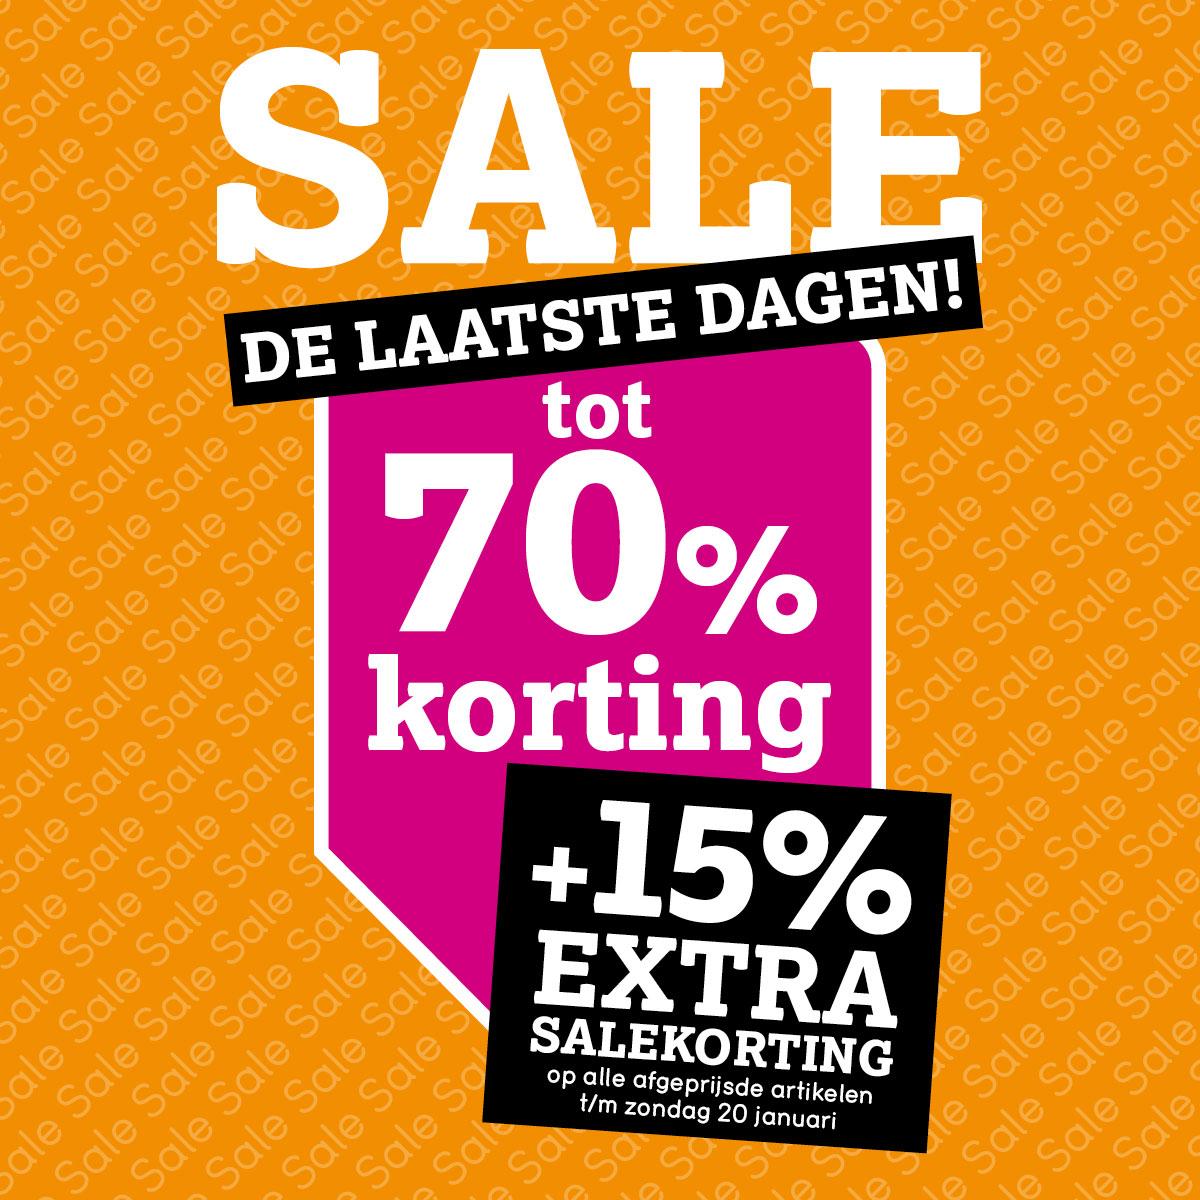 SALE tot -70% + 15% EXTRA @ Leen Bakker